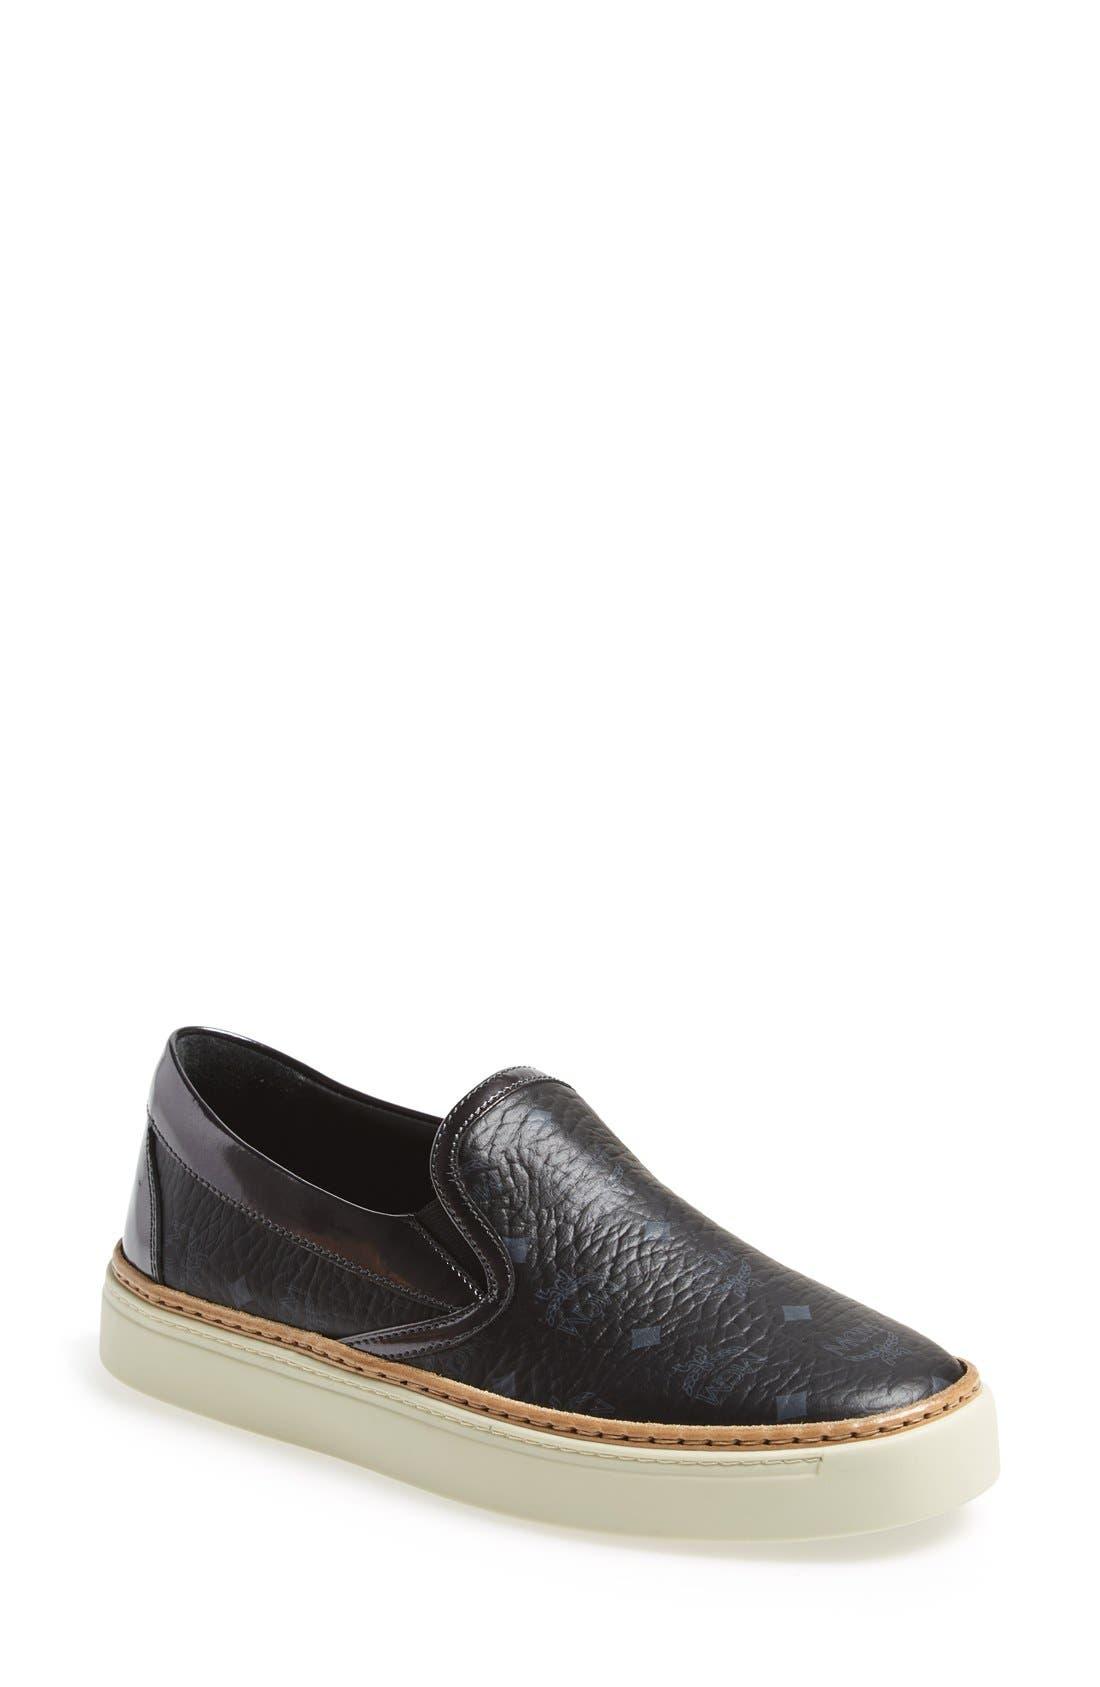 'Monogram' Slip-On Skate Sneaker, Main, color, 001